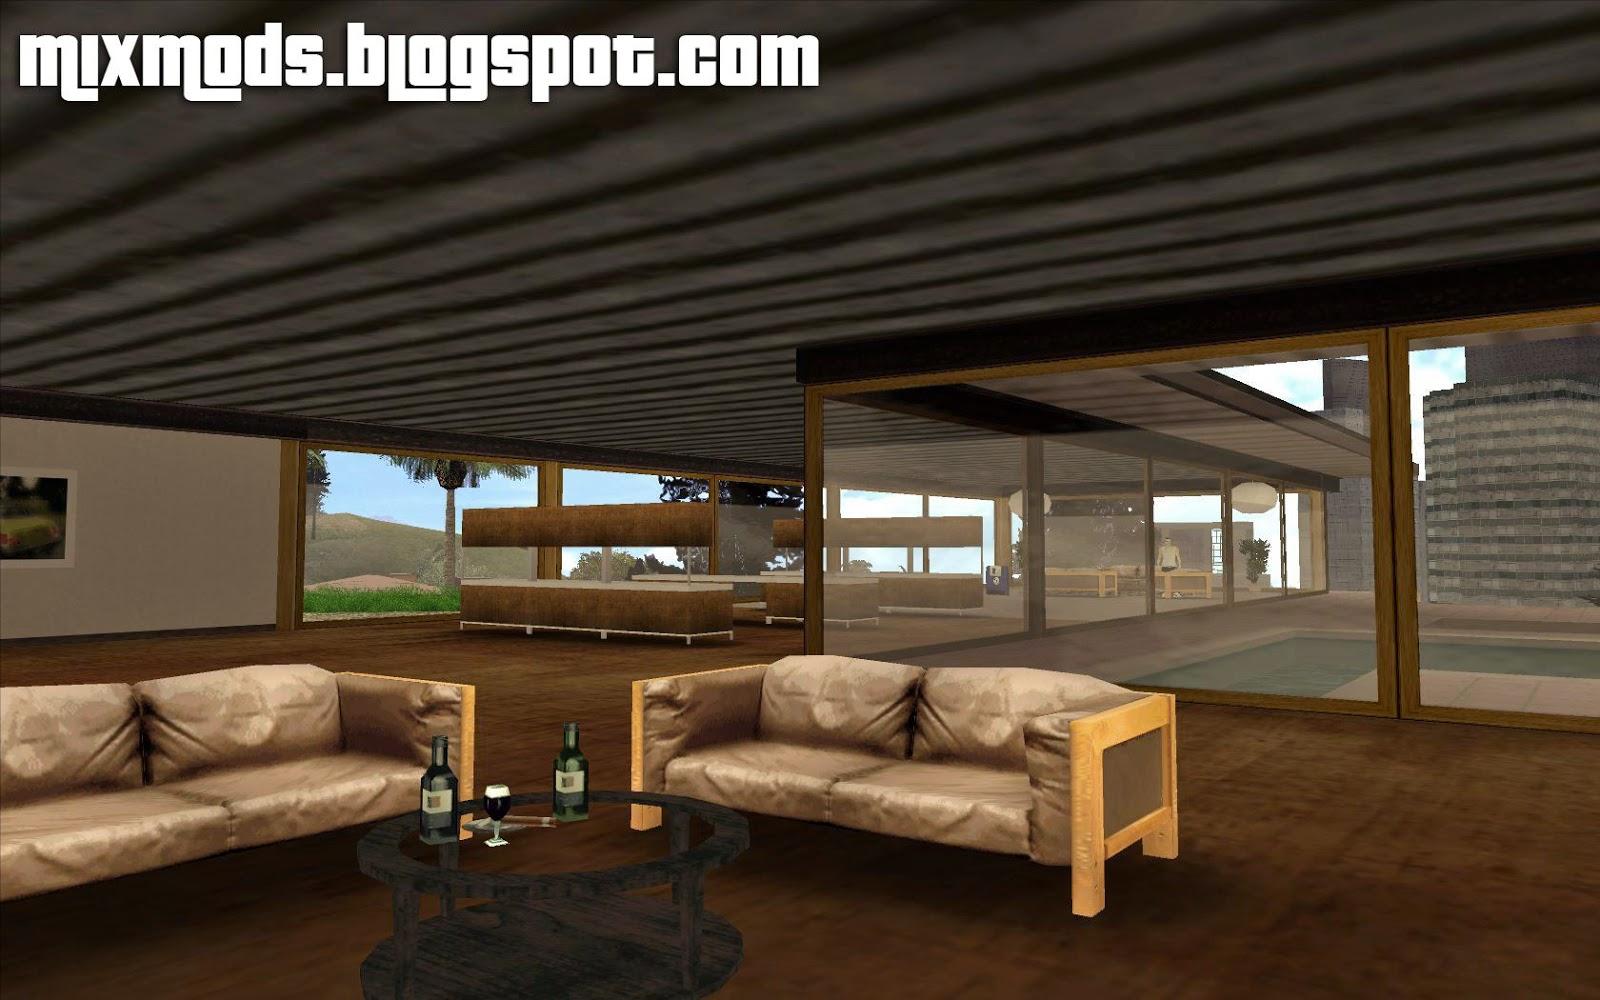 beta mulholland safehouse safe-house gta sa beta mod interior